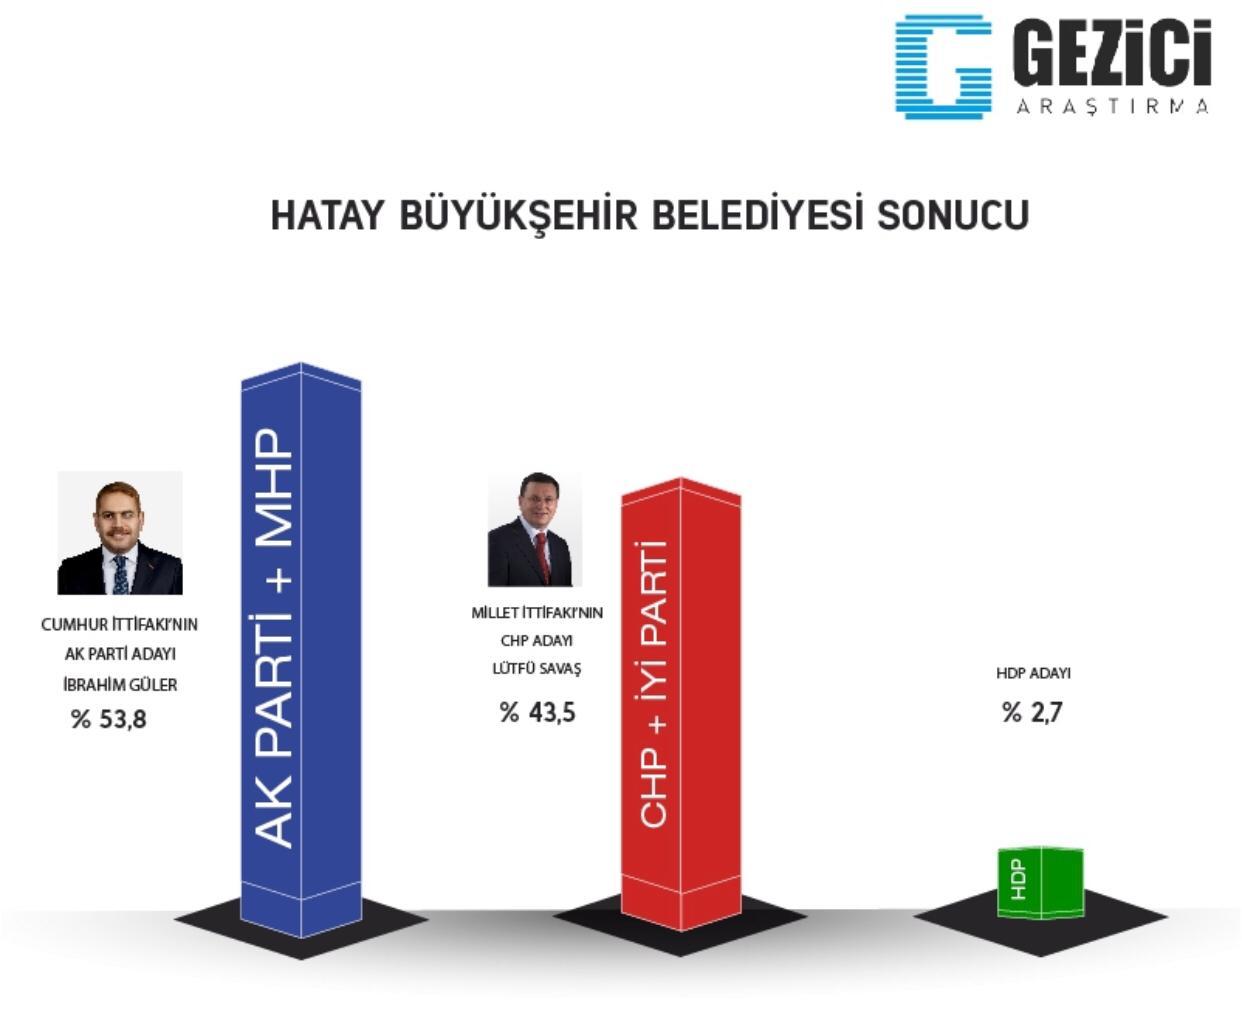 Gezici Anket : Hatay'da İbrahim Güler Önde